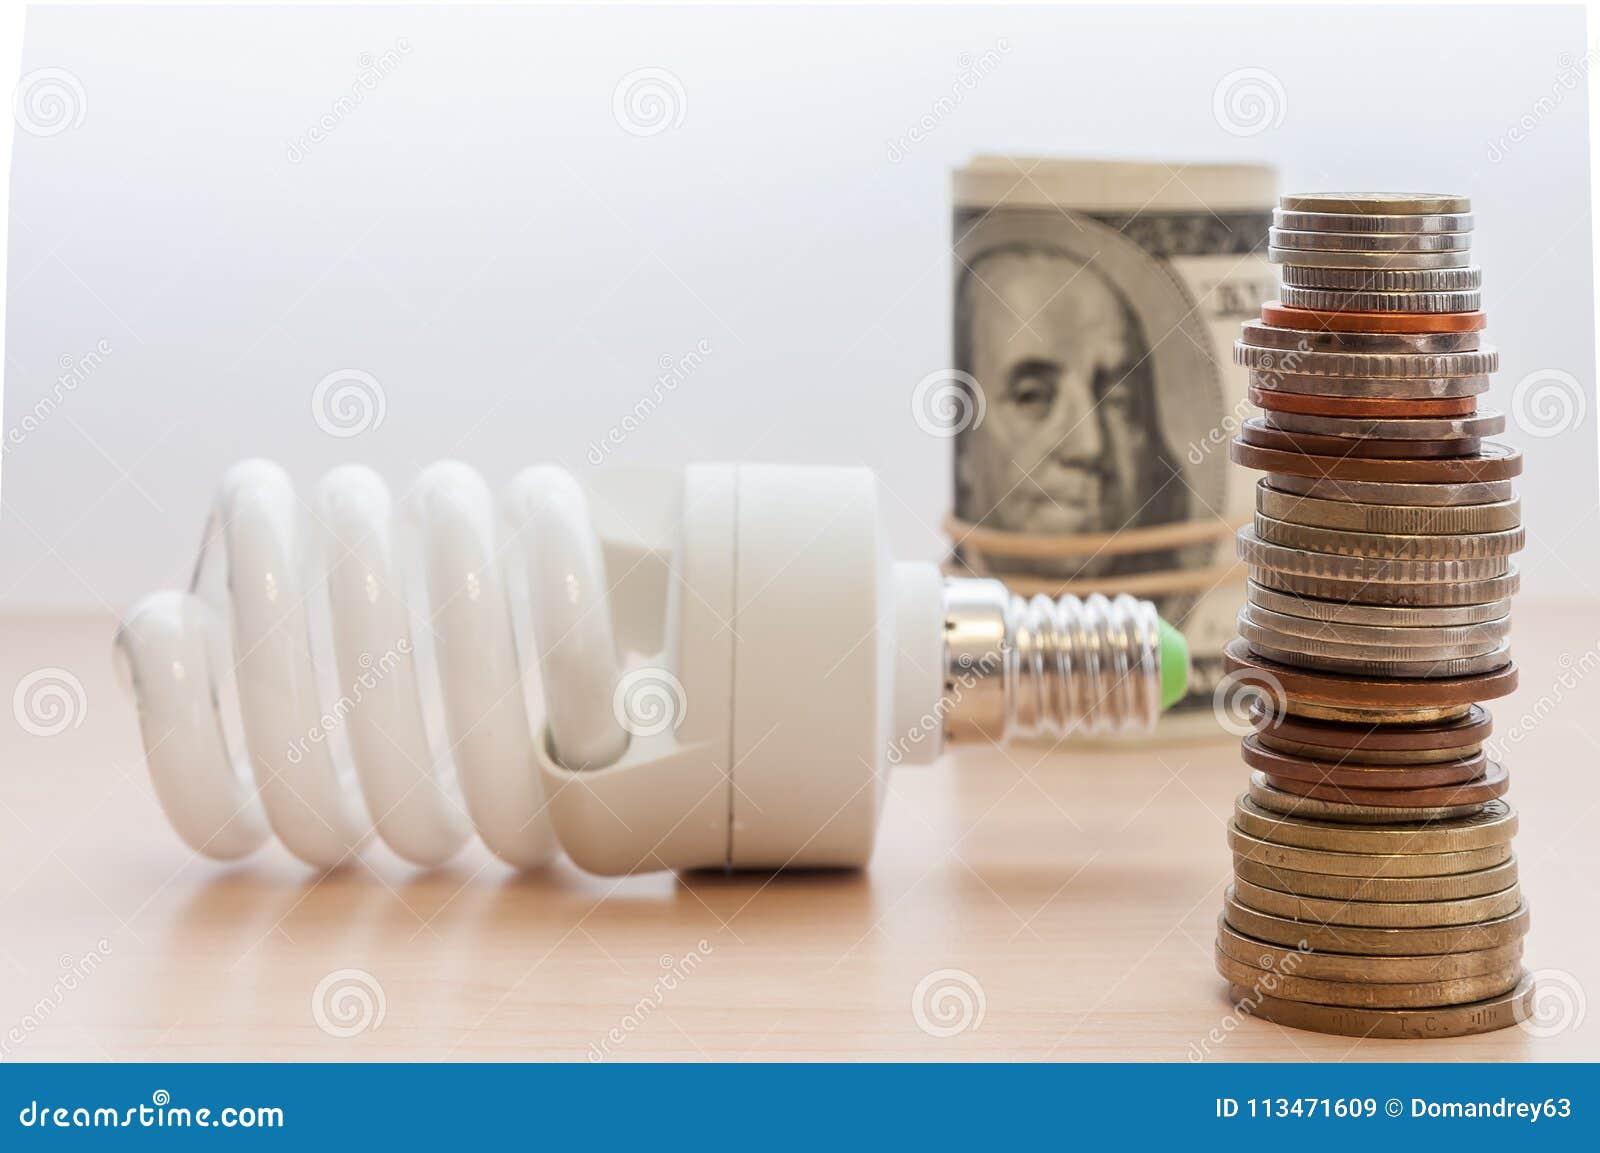 Eine Glühlampe, ein hoher Stapel Münzen von verschiedenen Ländern und dignities und Rechnungen falteten sich in ein Bündel